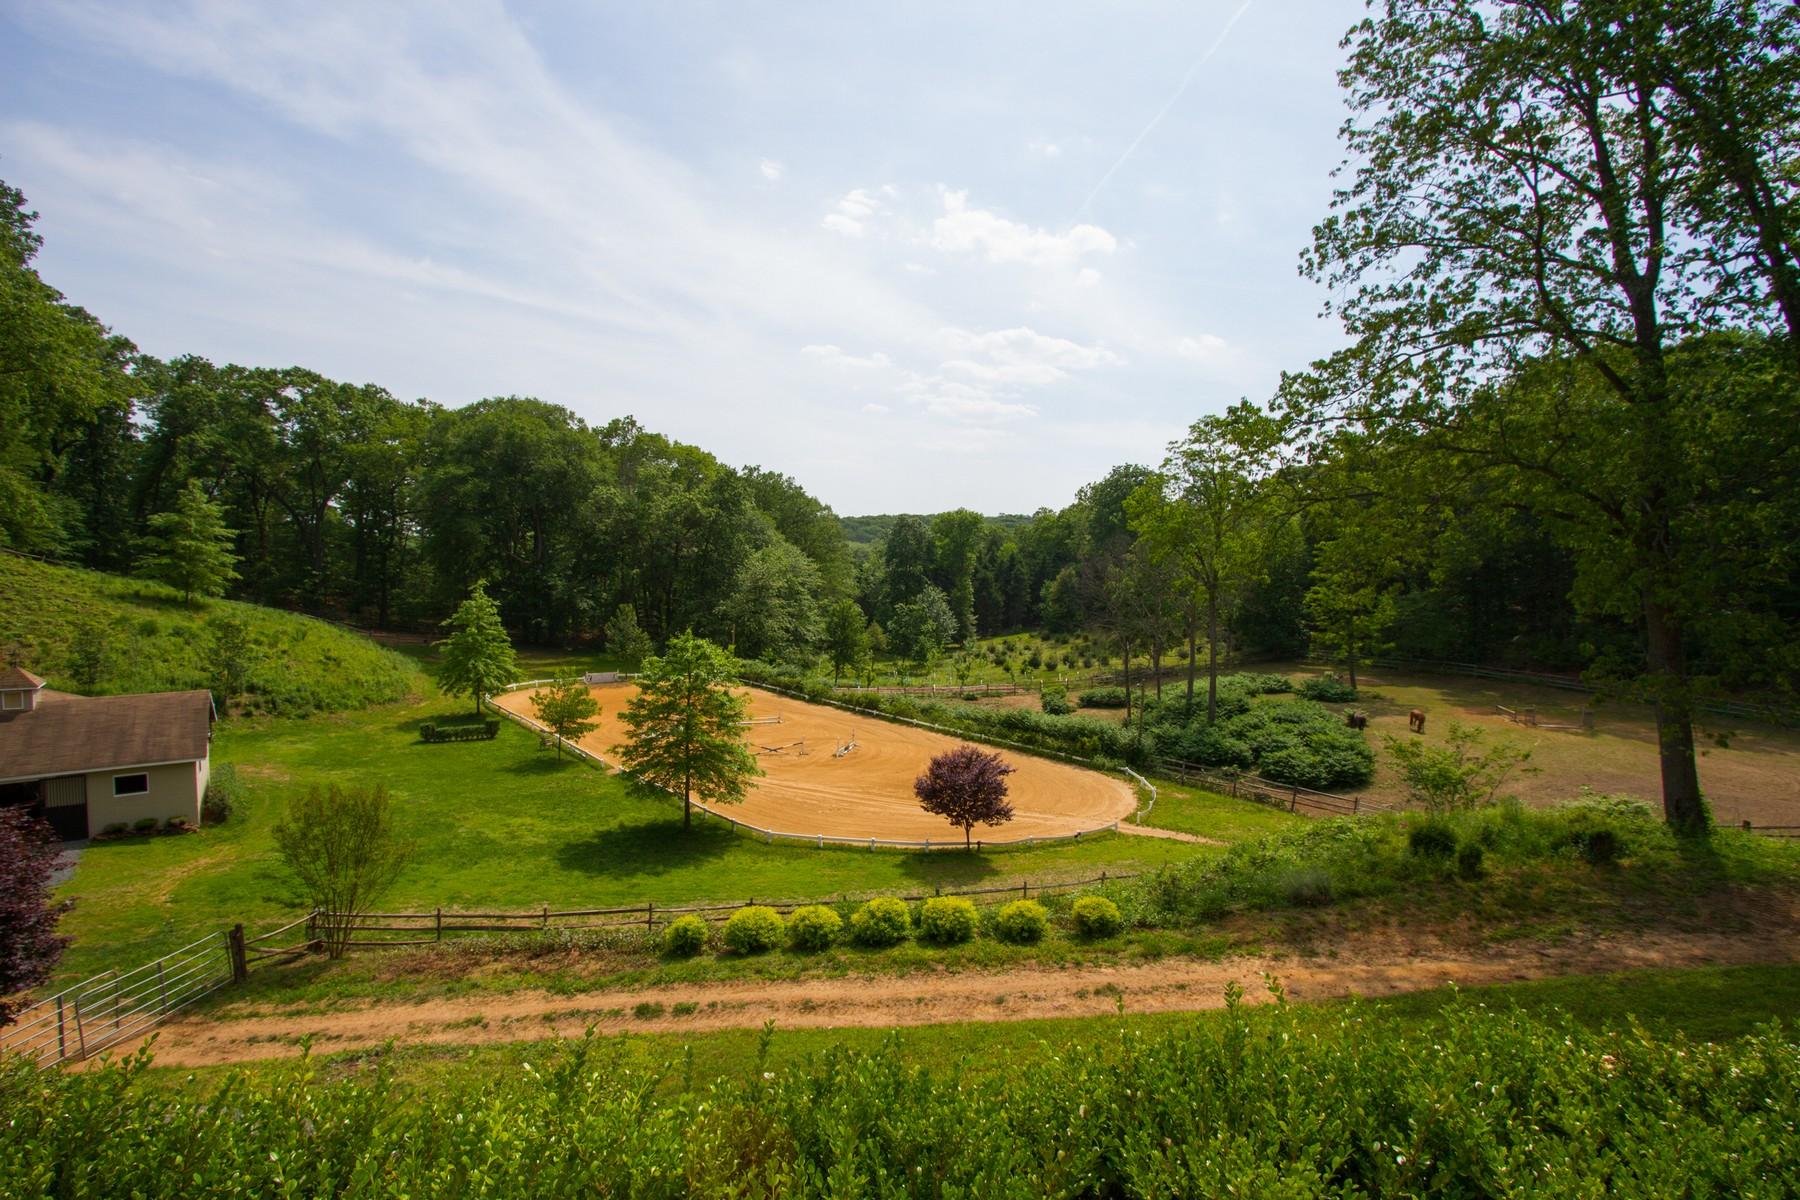 Fazenda / Quinta / Rancho / Plantação para Venda às Equestrian Estate 16 Browns Ln Atlantic Highlands, Nova Jersey 07716 Estados Unidos